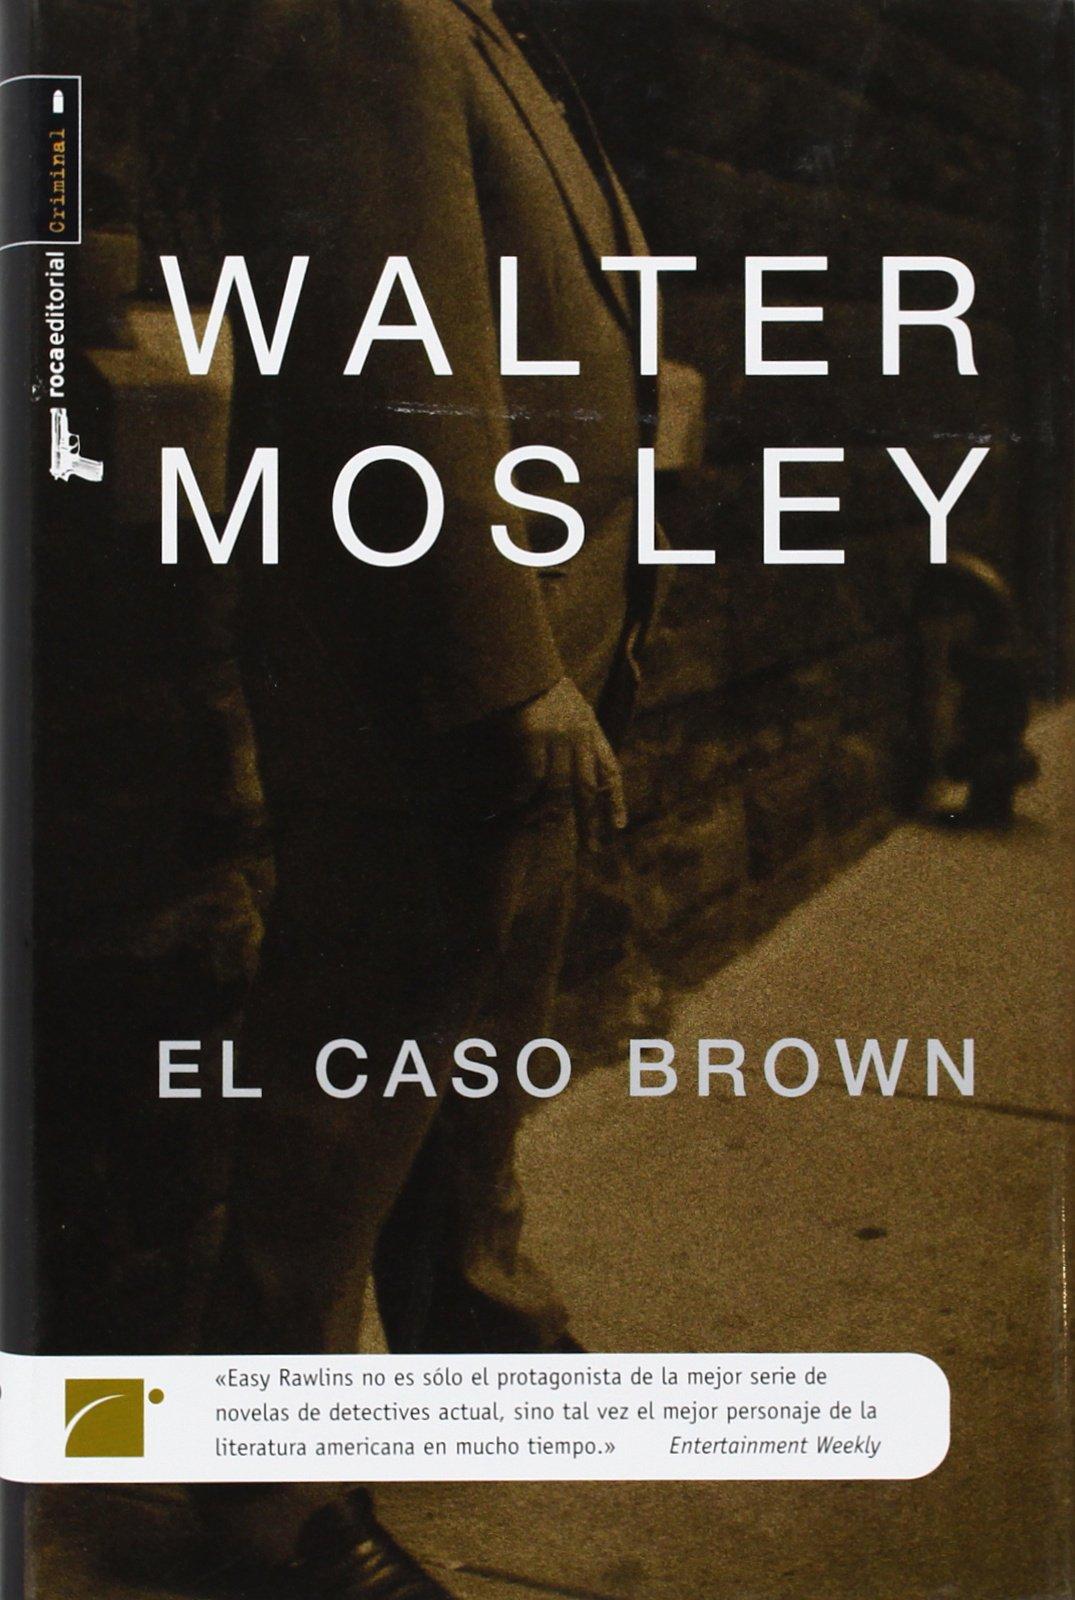 EL CASO BROWN (Spanish Edition) PDF